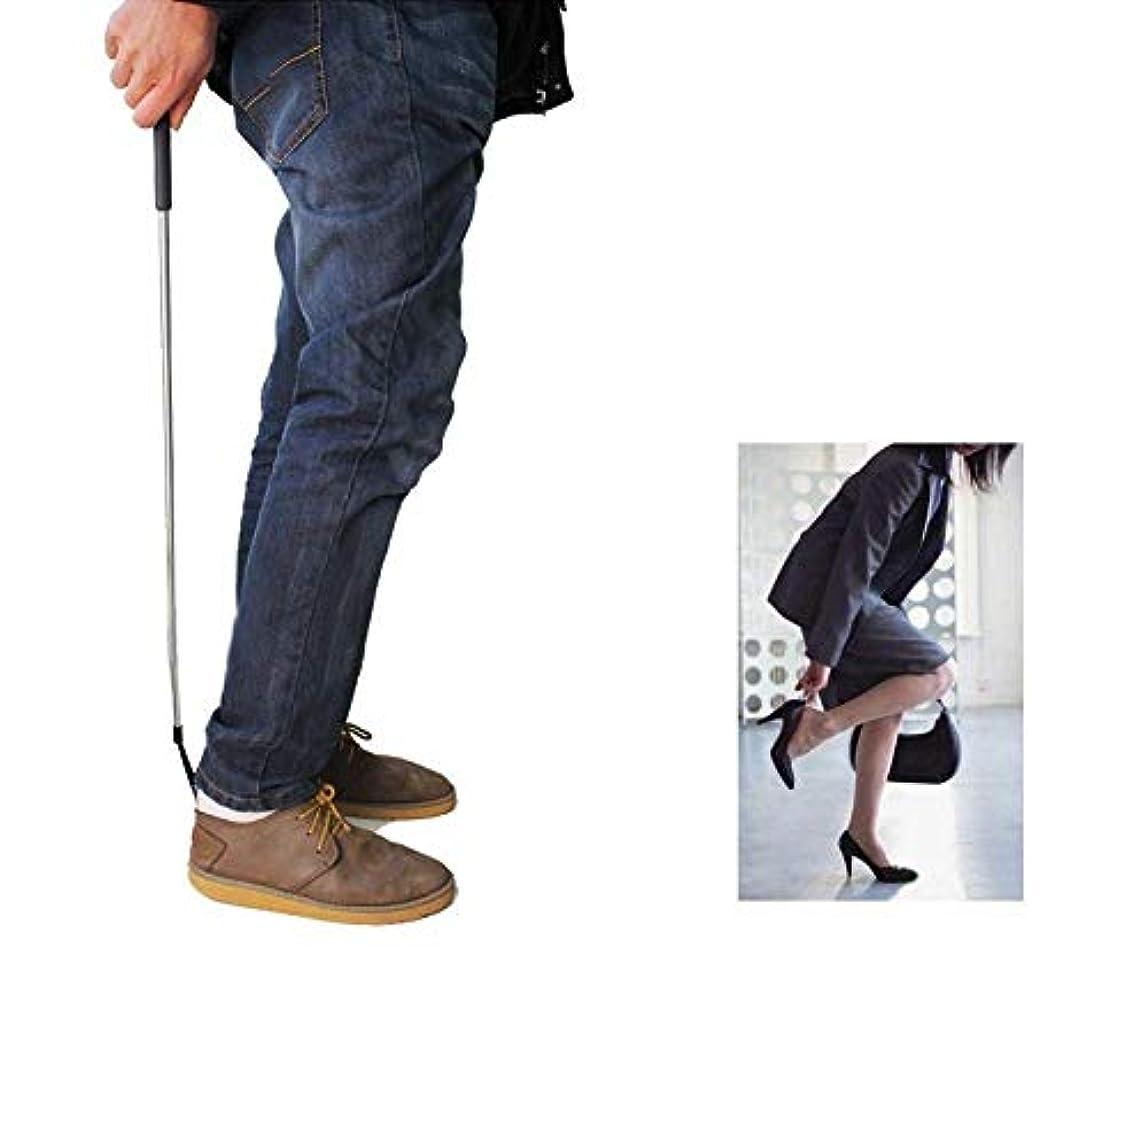 比べる逸脱否定するOrient Direct 調節可能な靴の角の男性の女性および子供のための29.23